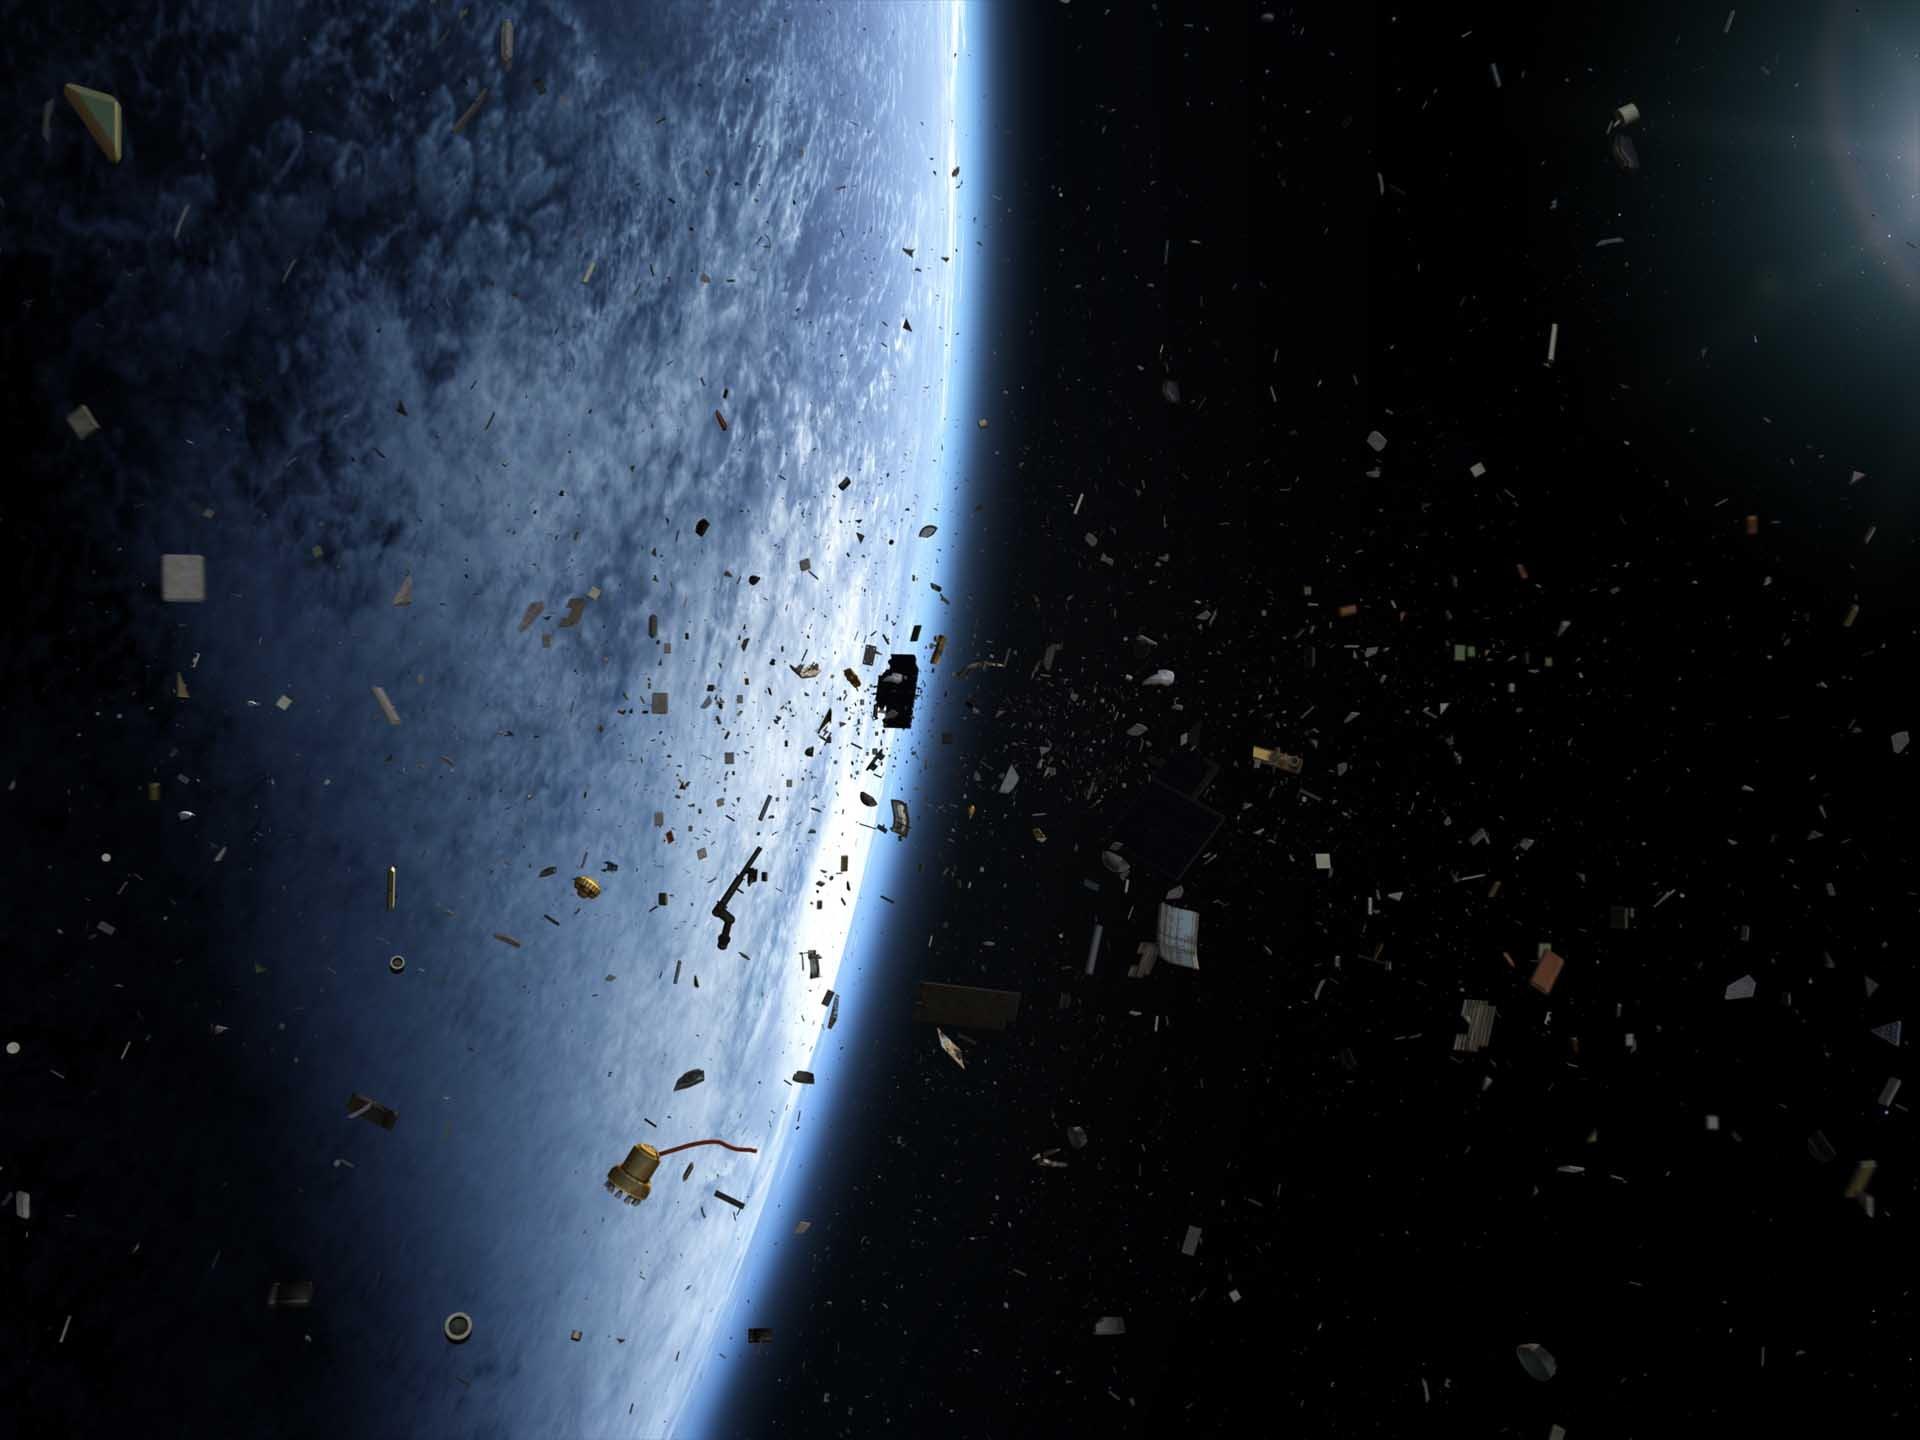 Ученые определили четкое количество космического мусора наоколоземной орбите